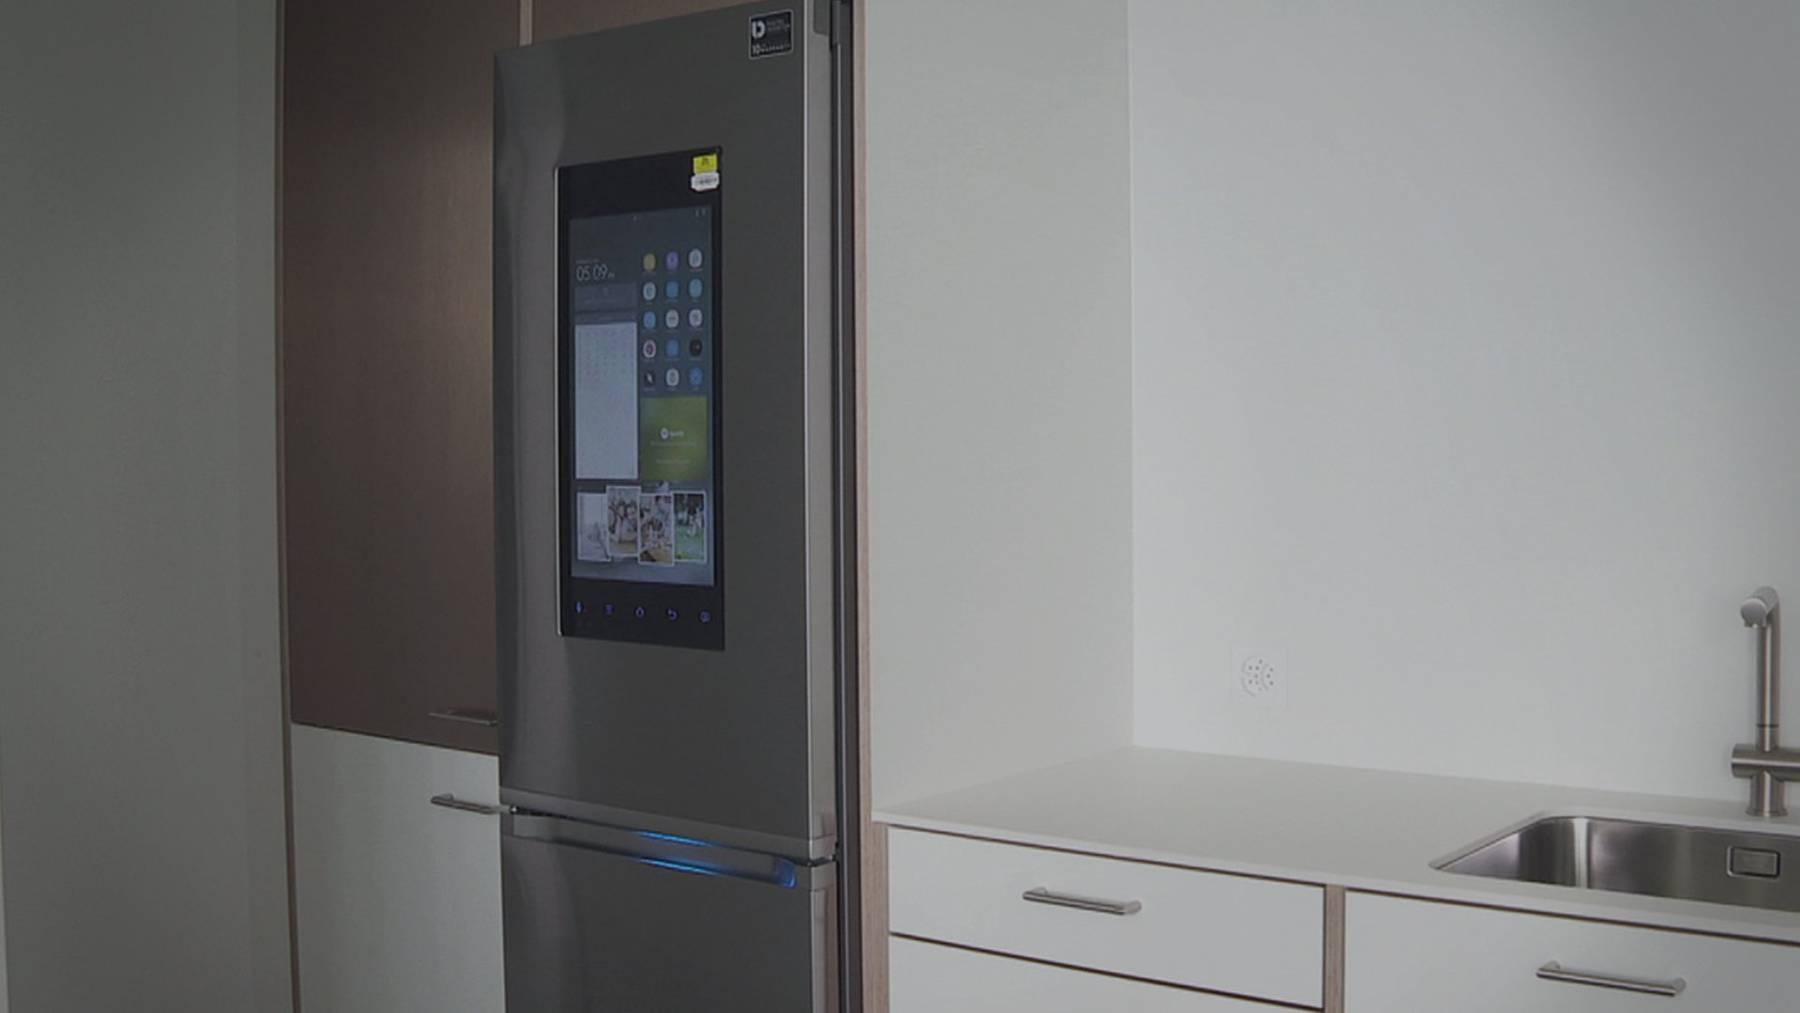 Ein Kühlschrank mit eingebauter Kamera gibt es jetzt in einer Wohnung in St.Gallen